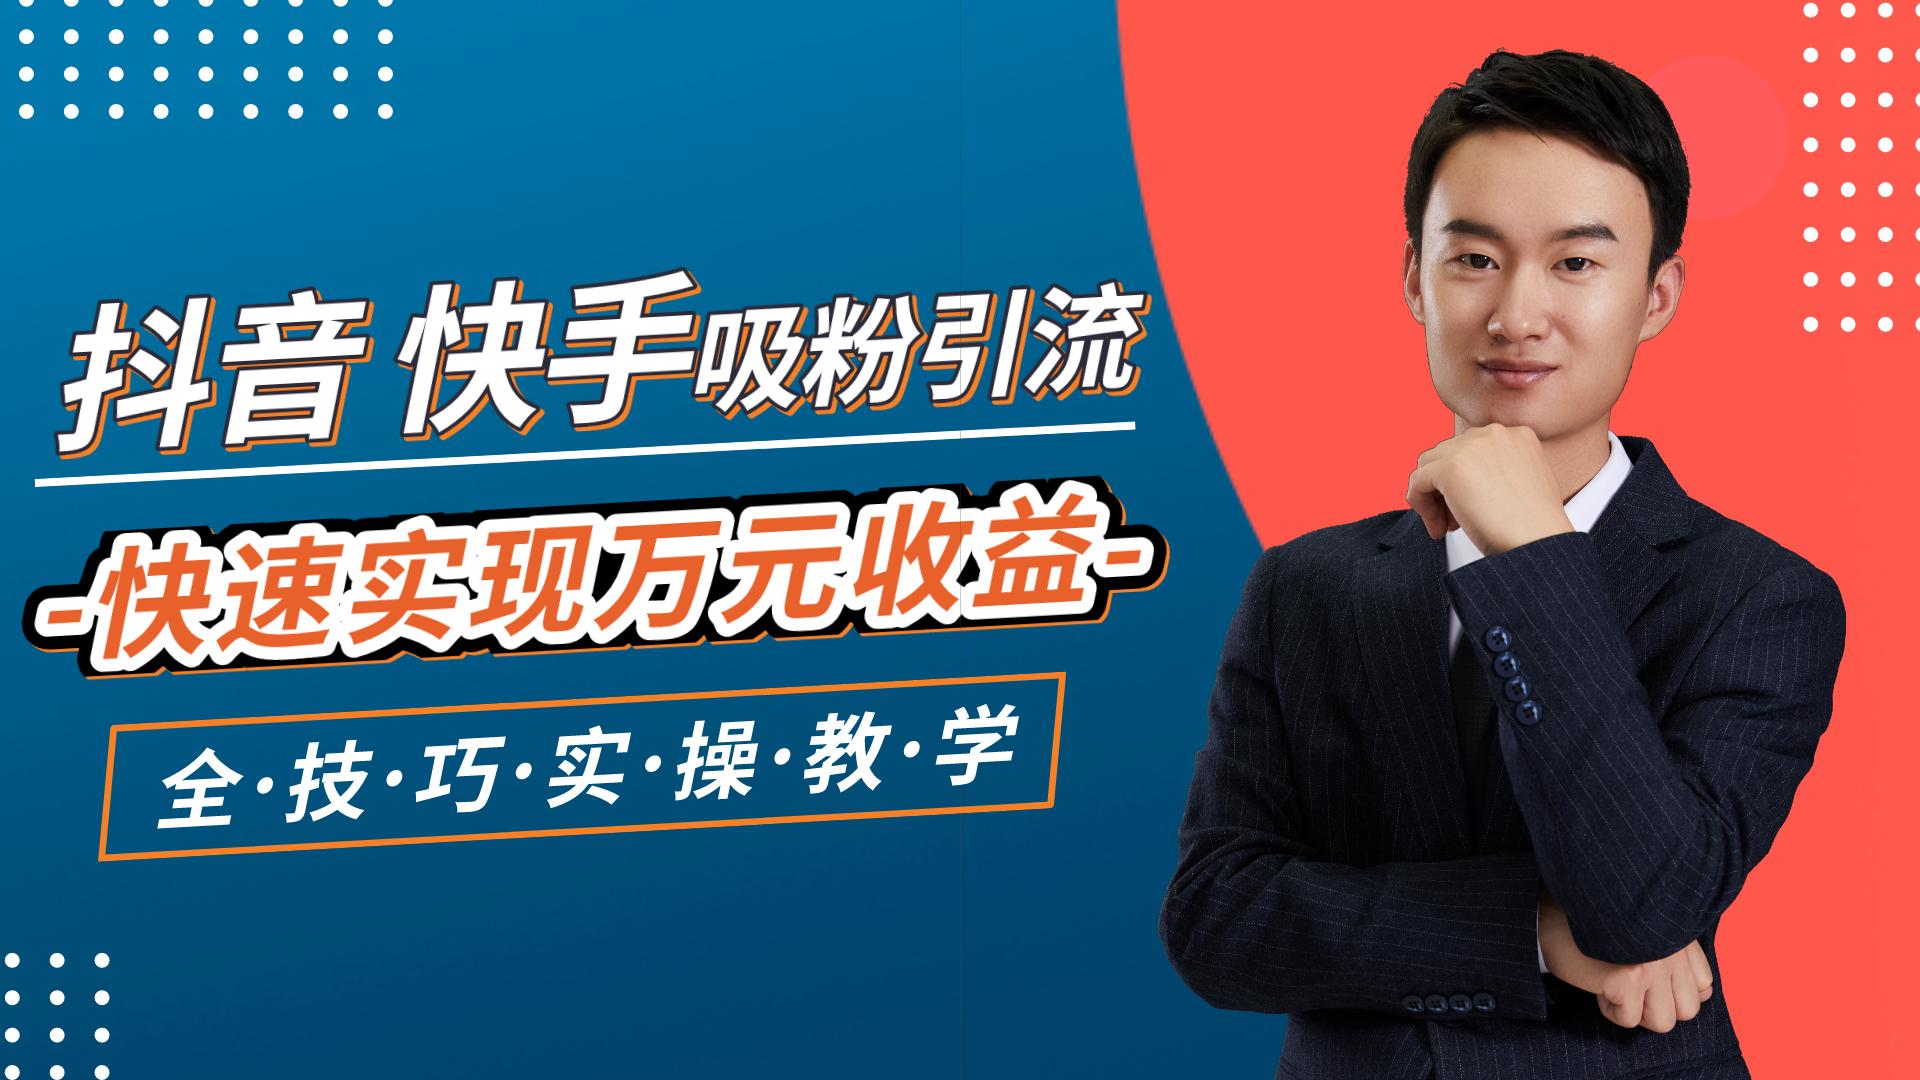 抖音快手Vlog 引流吸粉 自媒体 新媒体赚钱 大鱼号百家号头条号